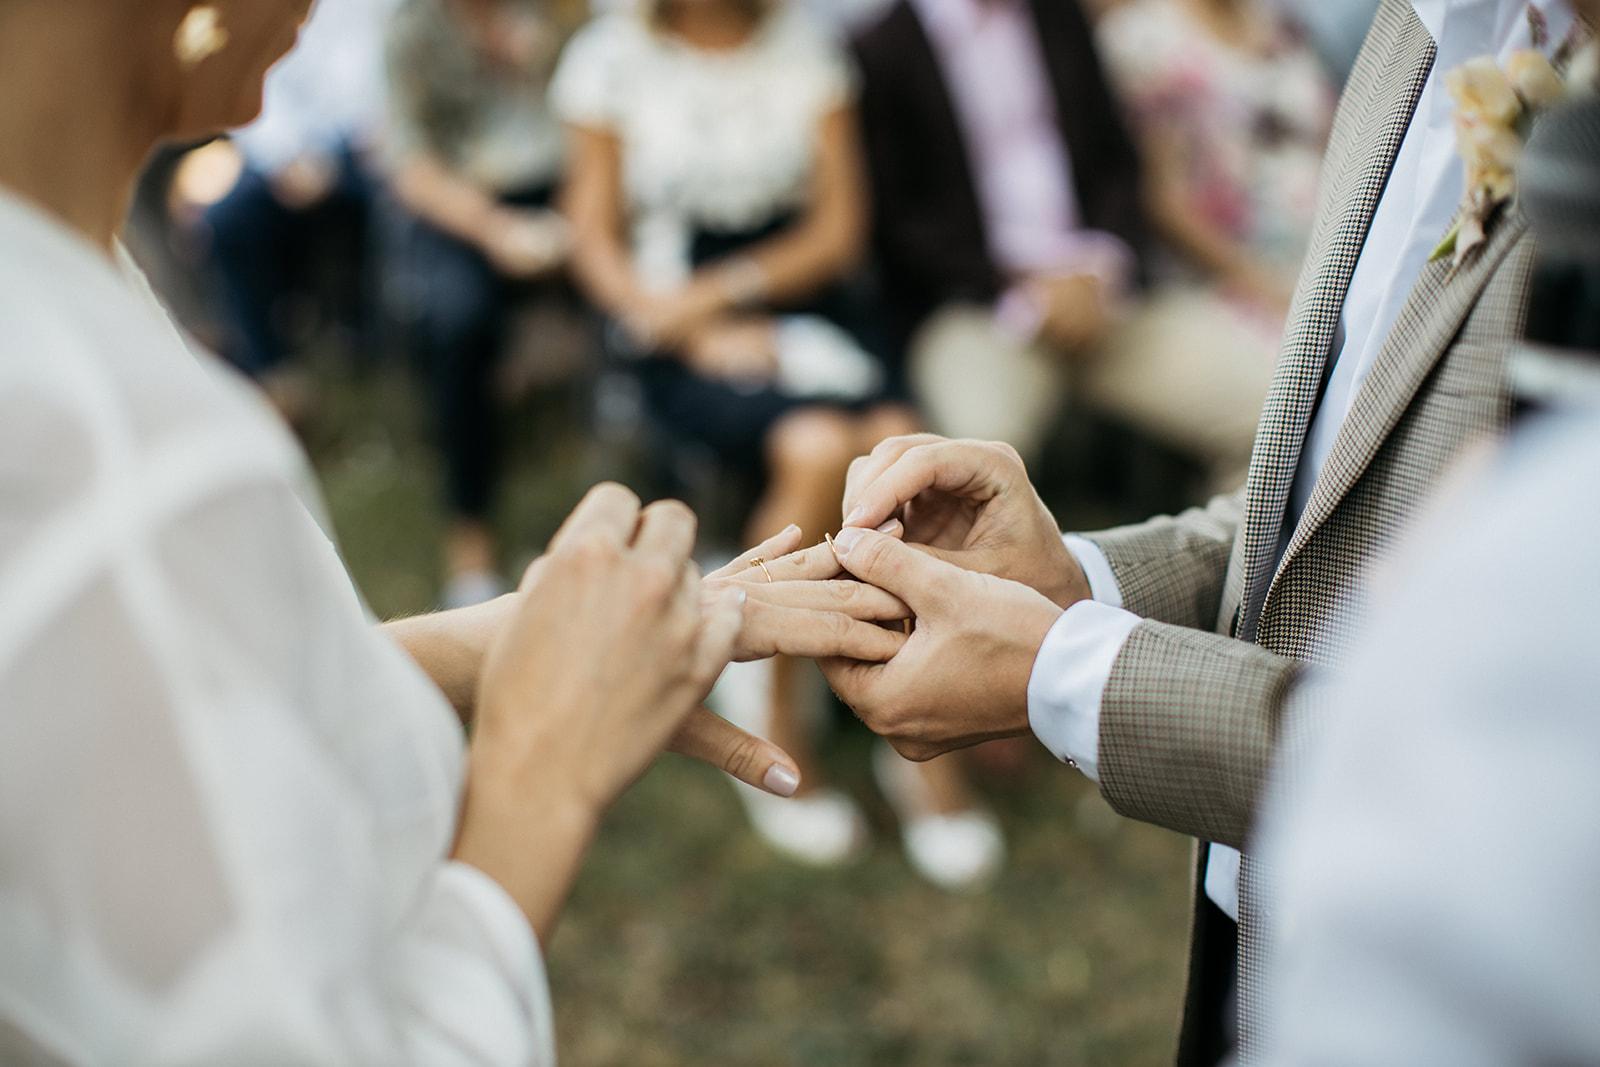 642-Lifestories-Wedding-Marylou-Chris-20